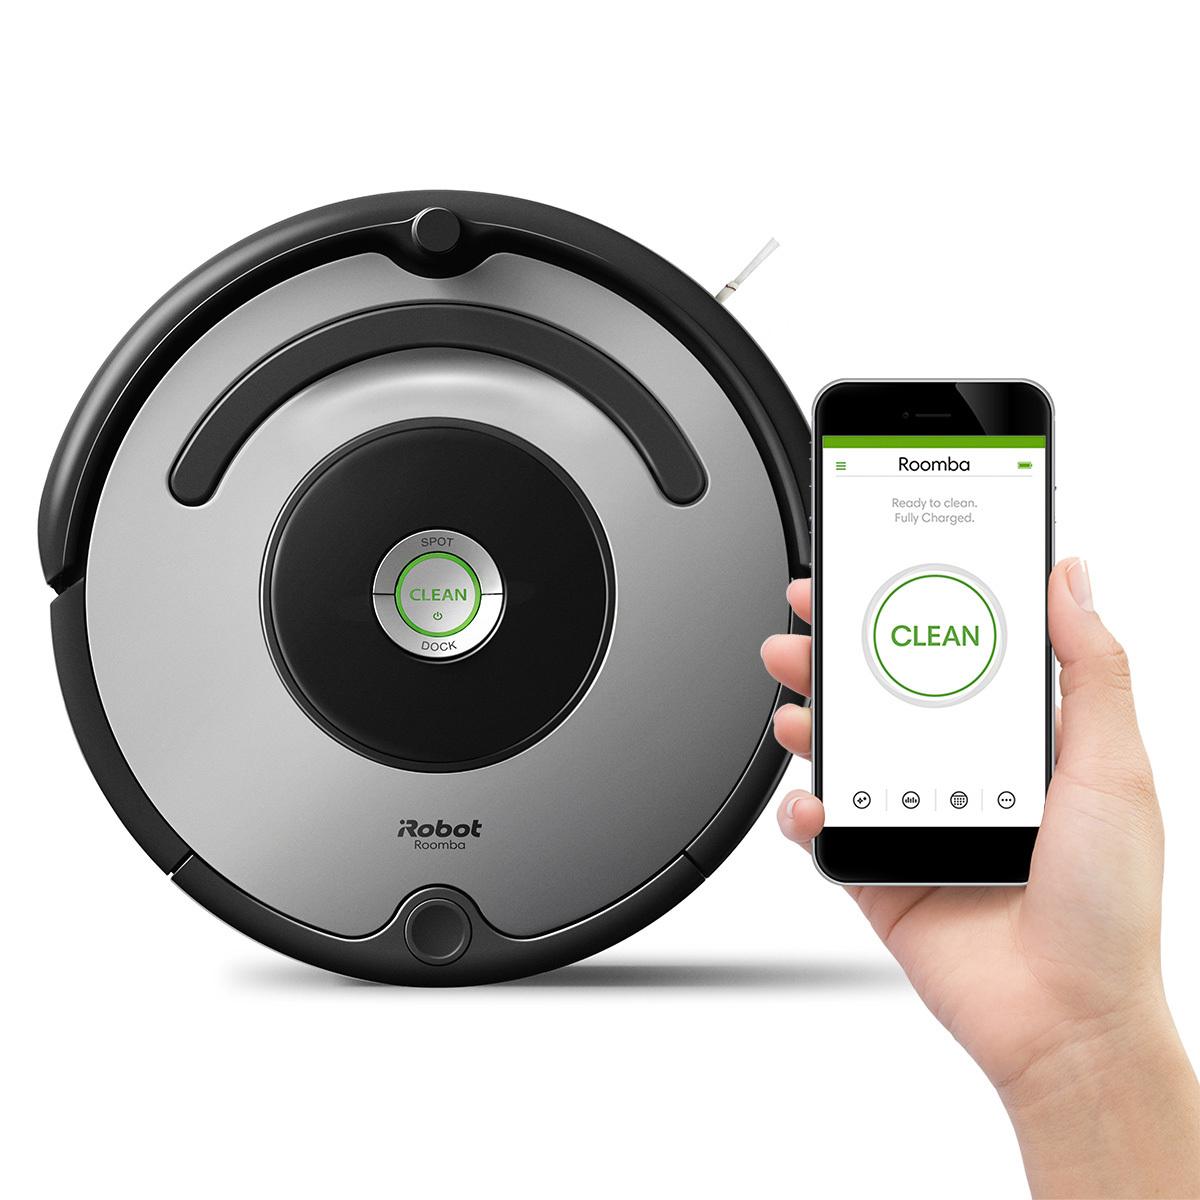 Costco Aspiradora iRobot, Roomba 677 (675), programable con conexión a Wi-Fi + 6 MSI c/Banamex